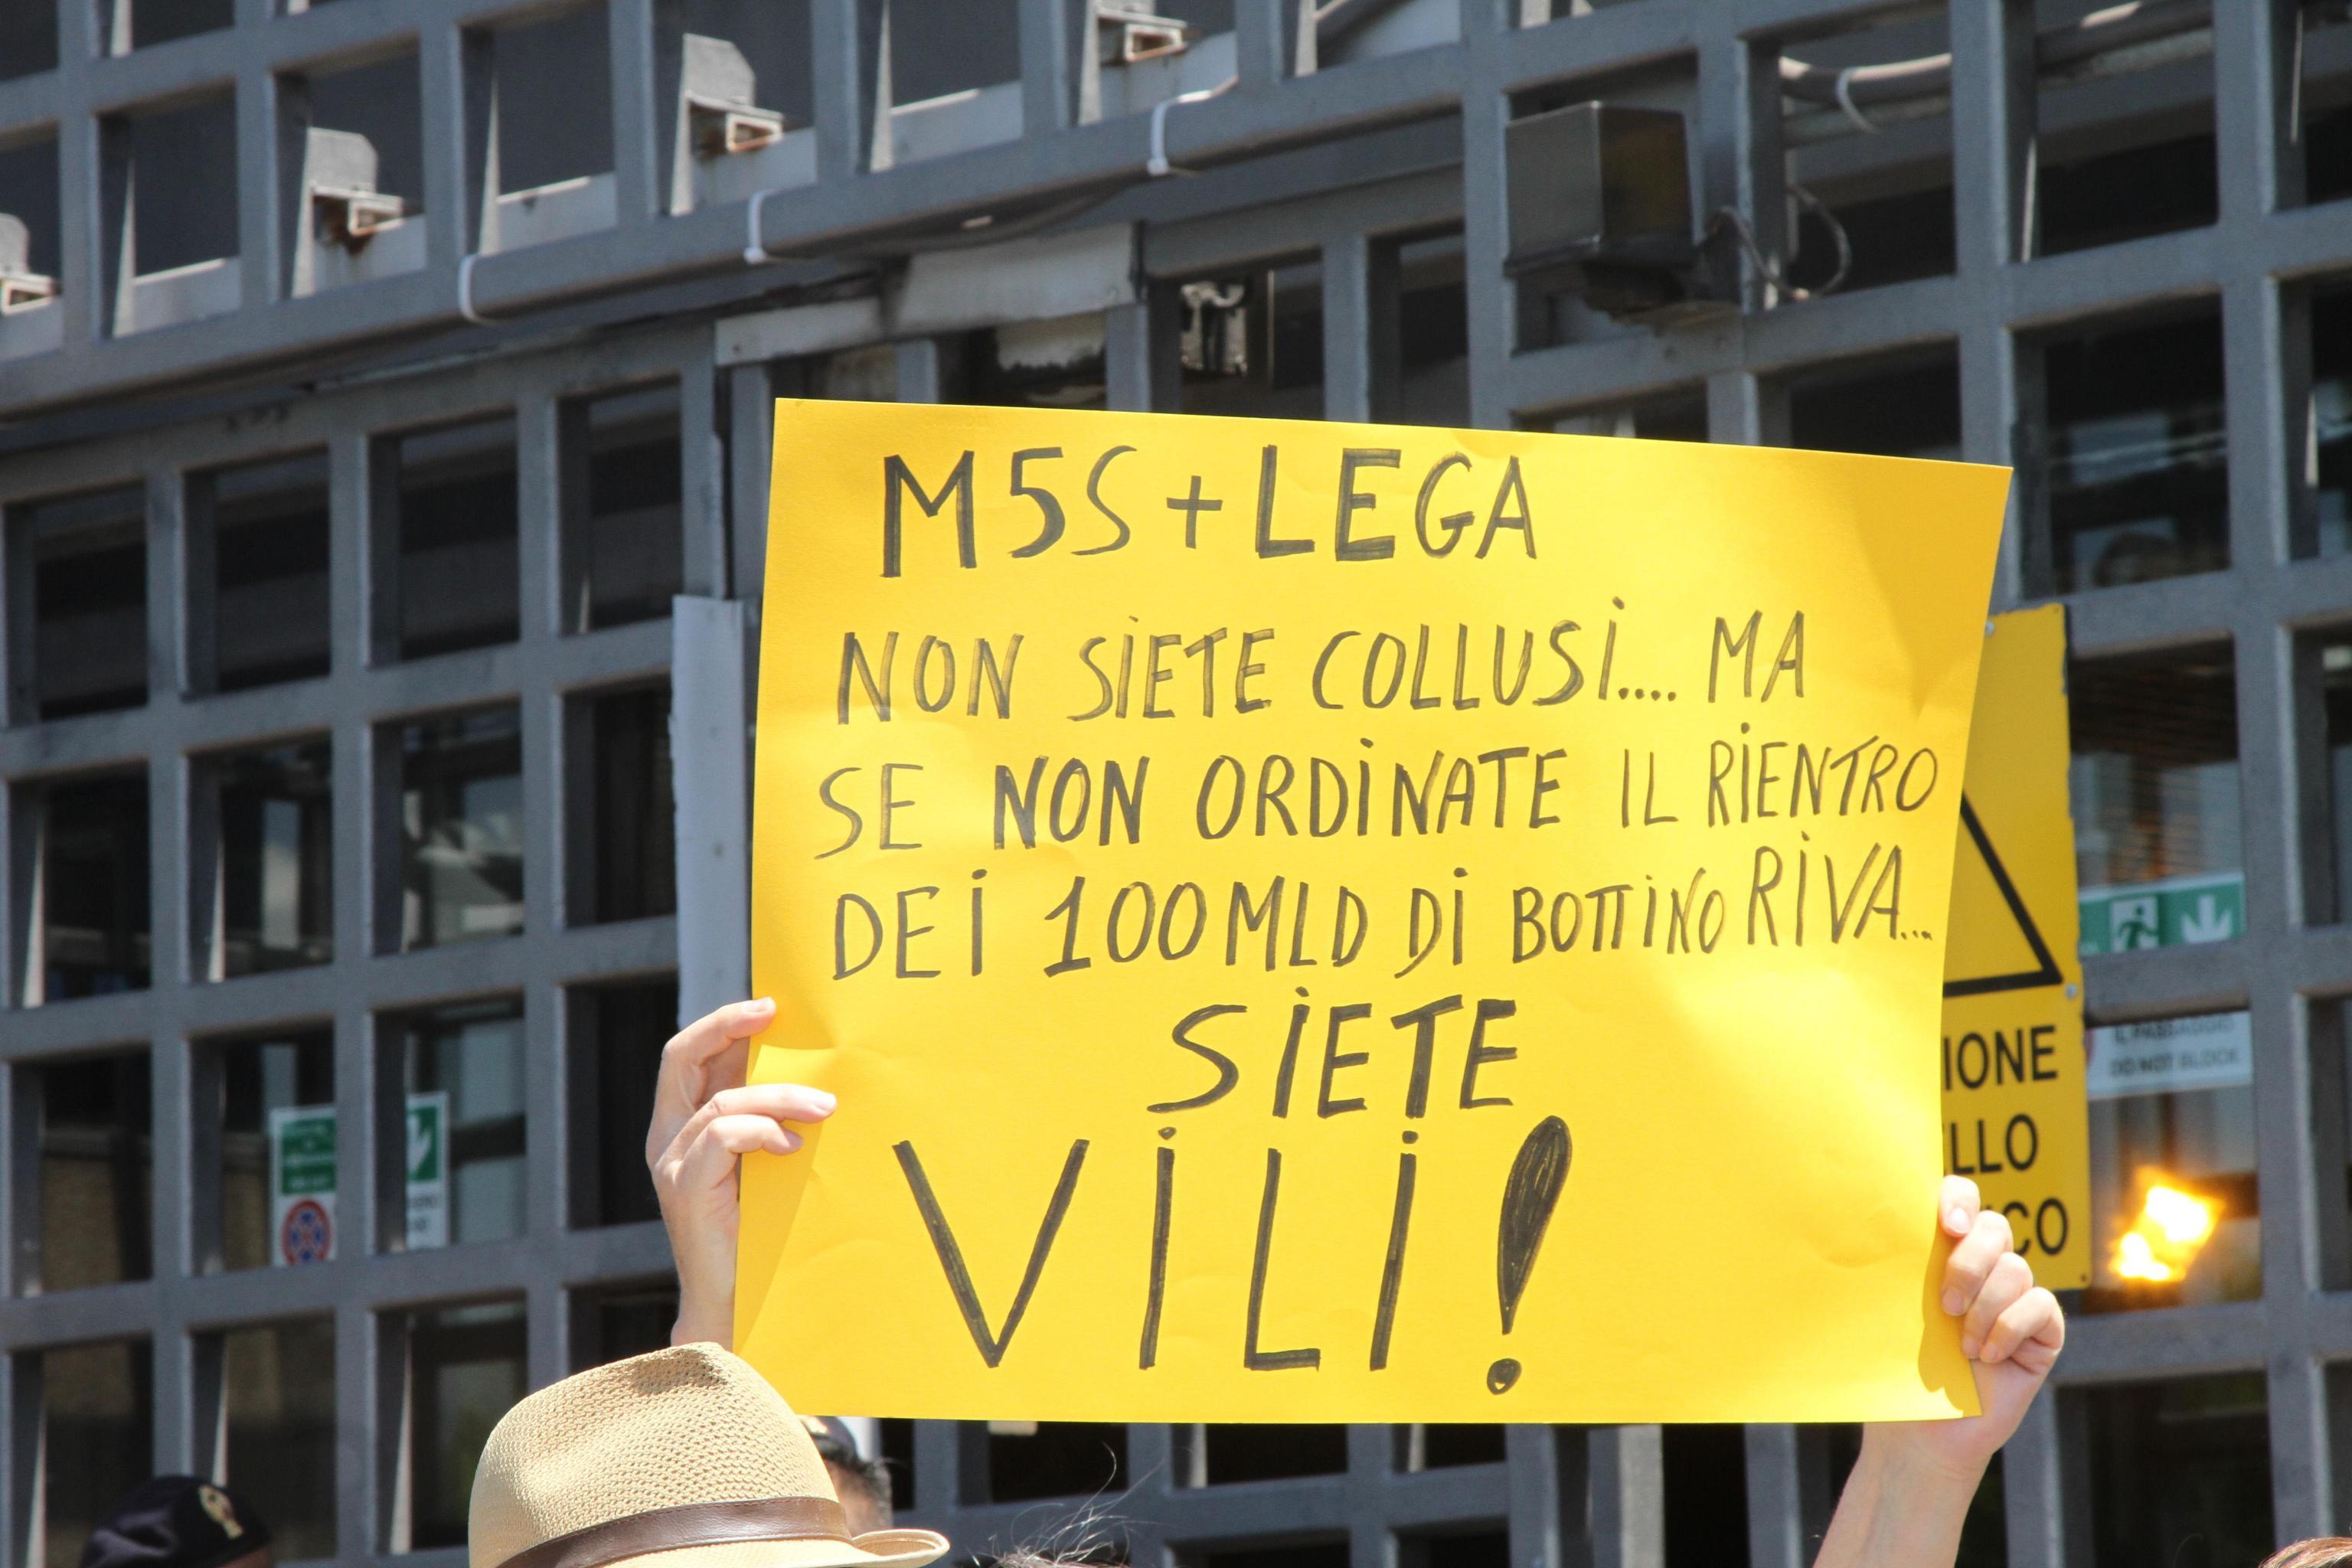 Un cartello esposto durante la manifestazione di protesta delle associazioni ambientaliste tarantine contro le politiche del Governo davanti alla sede della Arcelor Mittal, Taranto, 24 giugno 2019. ANSA/RENATO INGENITO